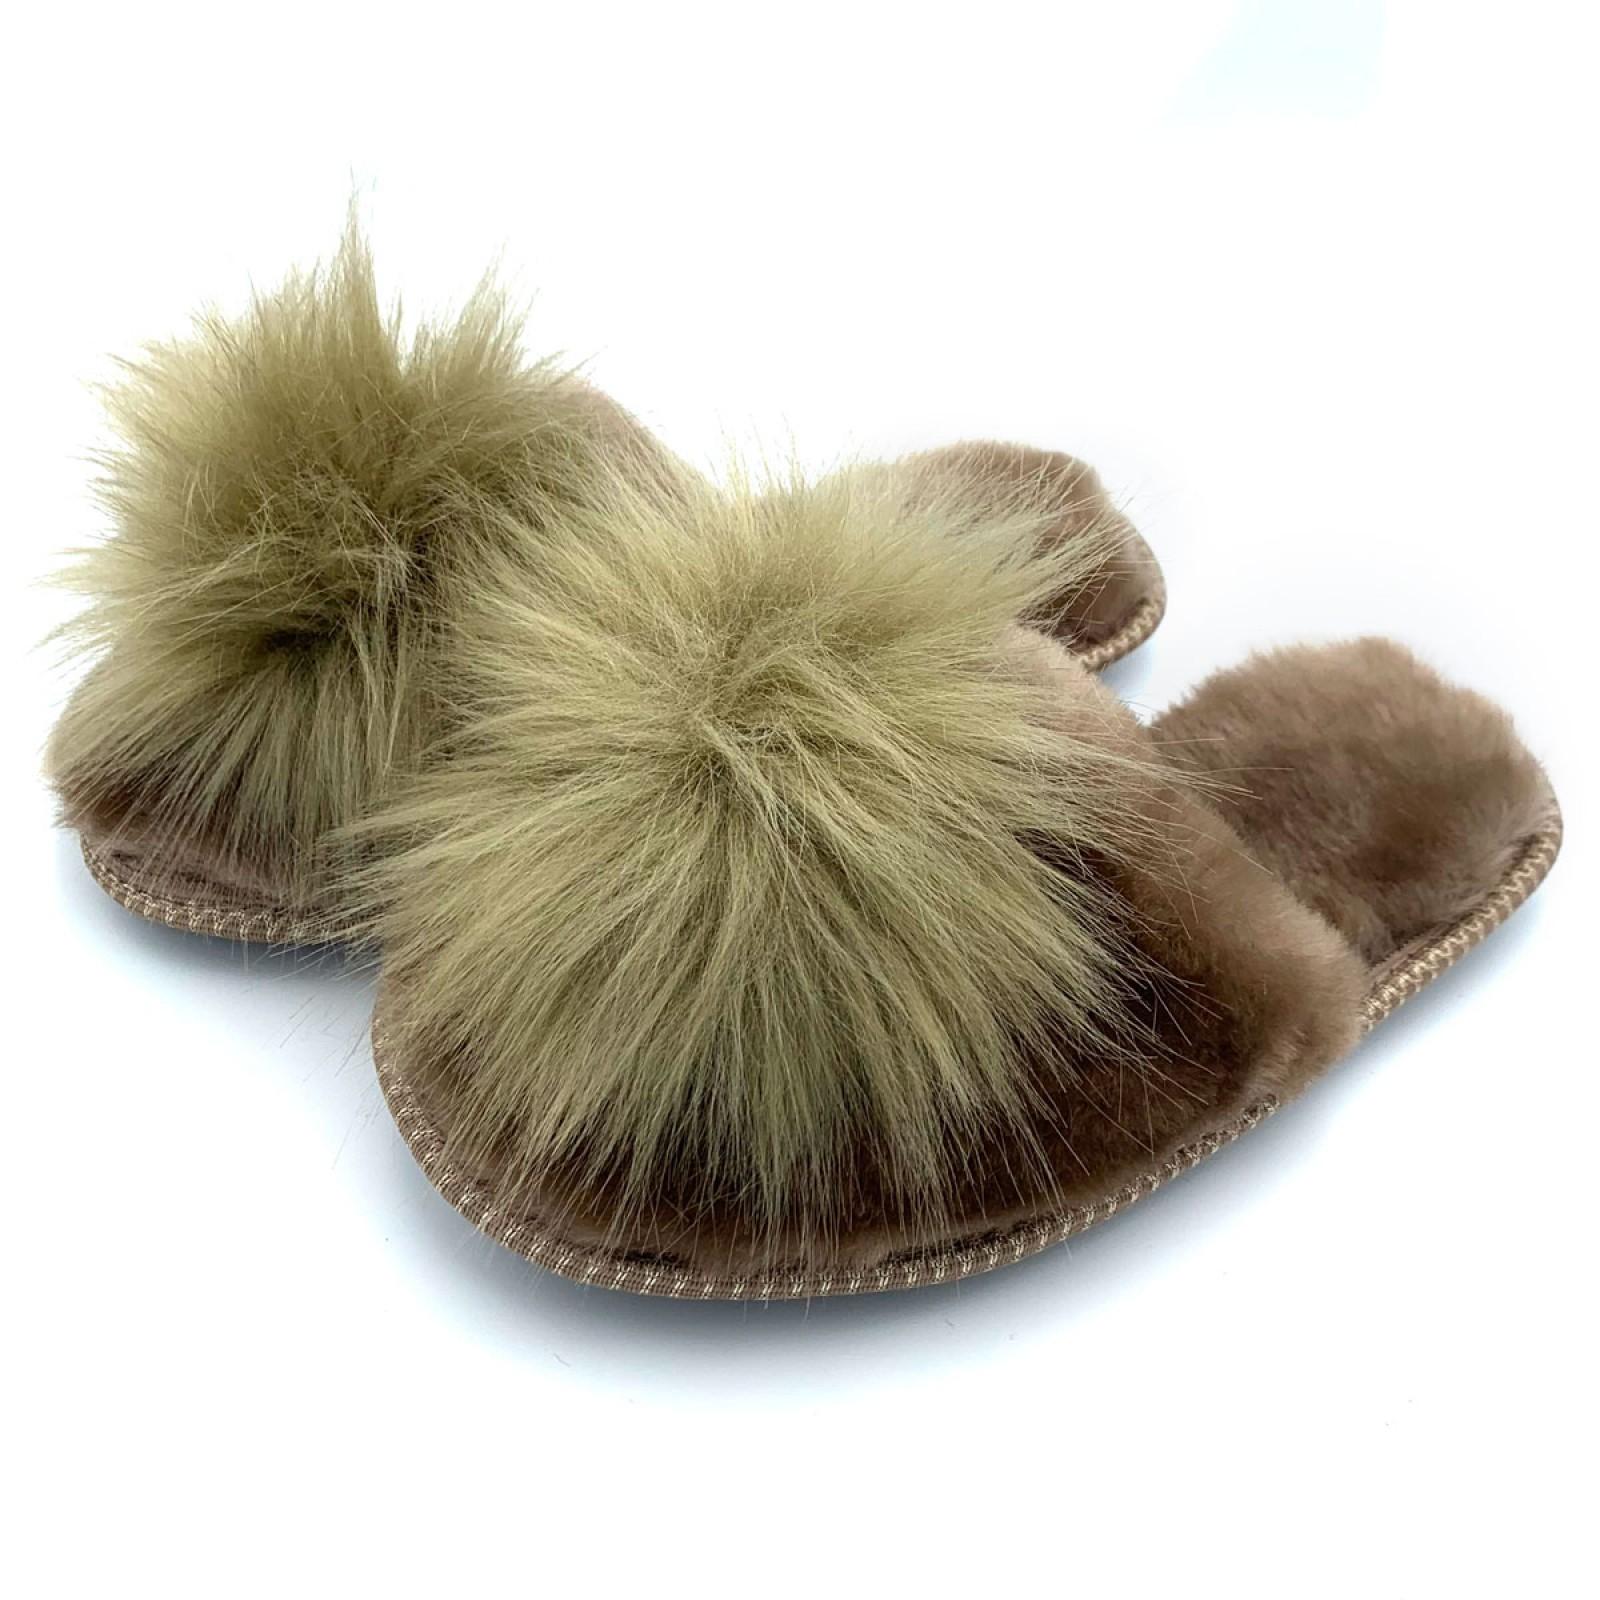 Тапочки из овчины коричневые с помпоном на резиновой подошве